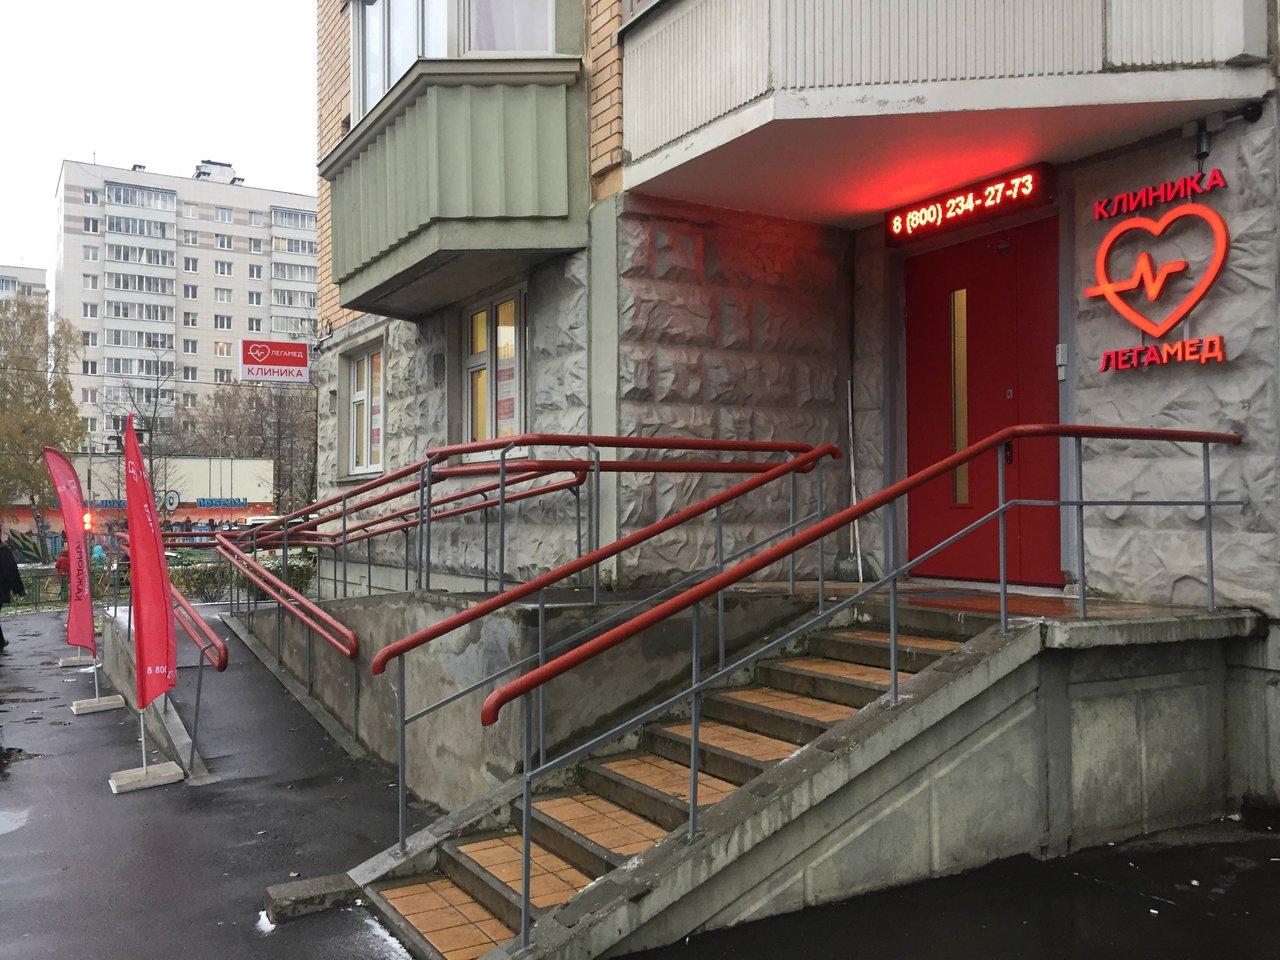 Где можно получить больничный лист в Москве Ново-Переделкино